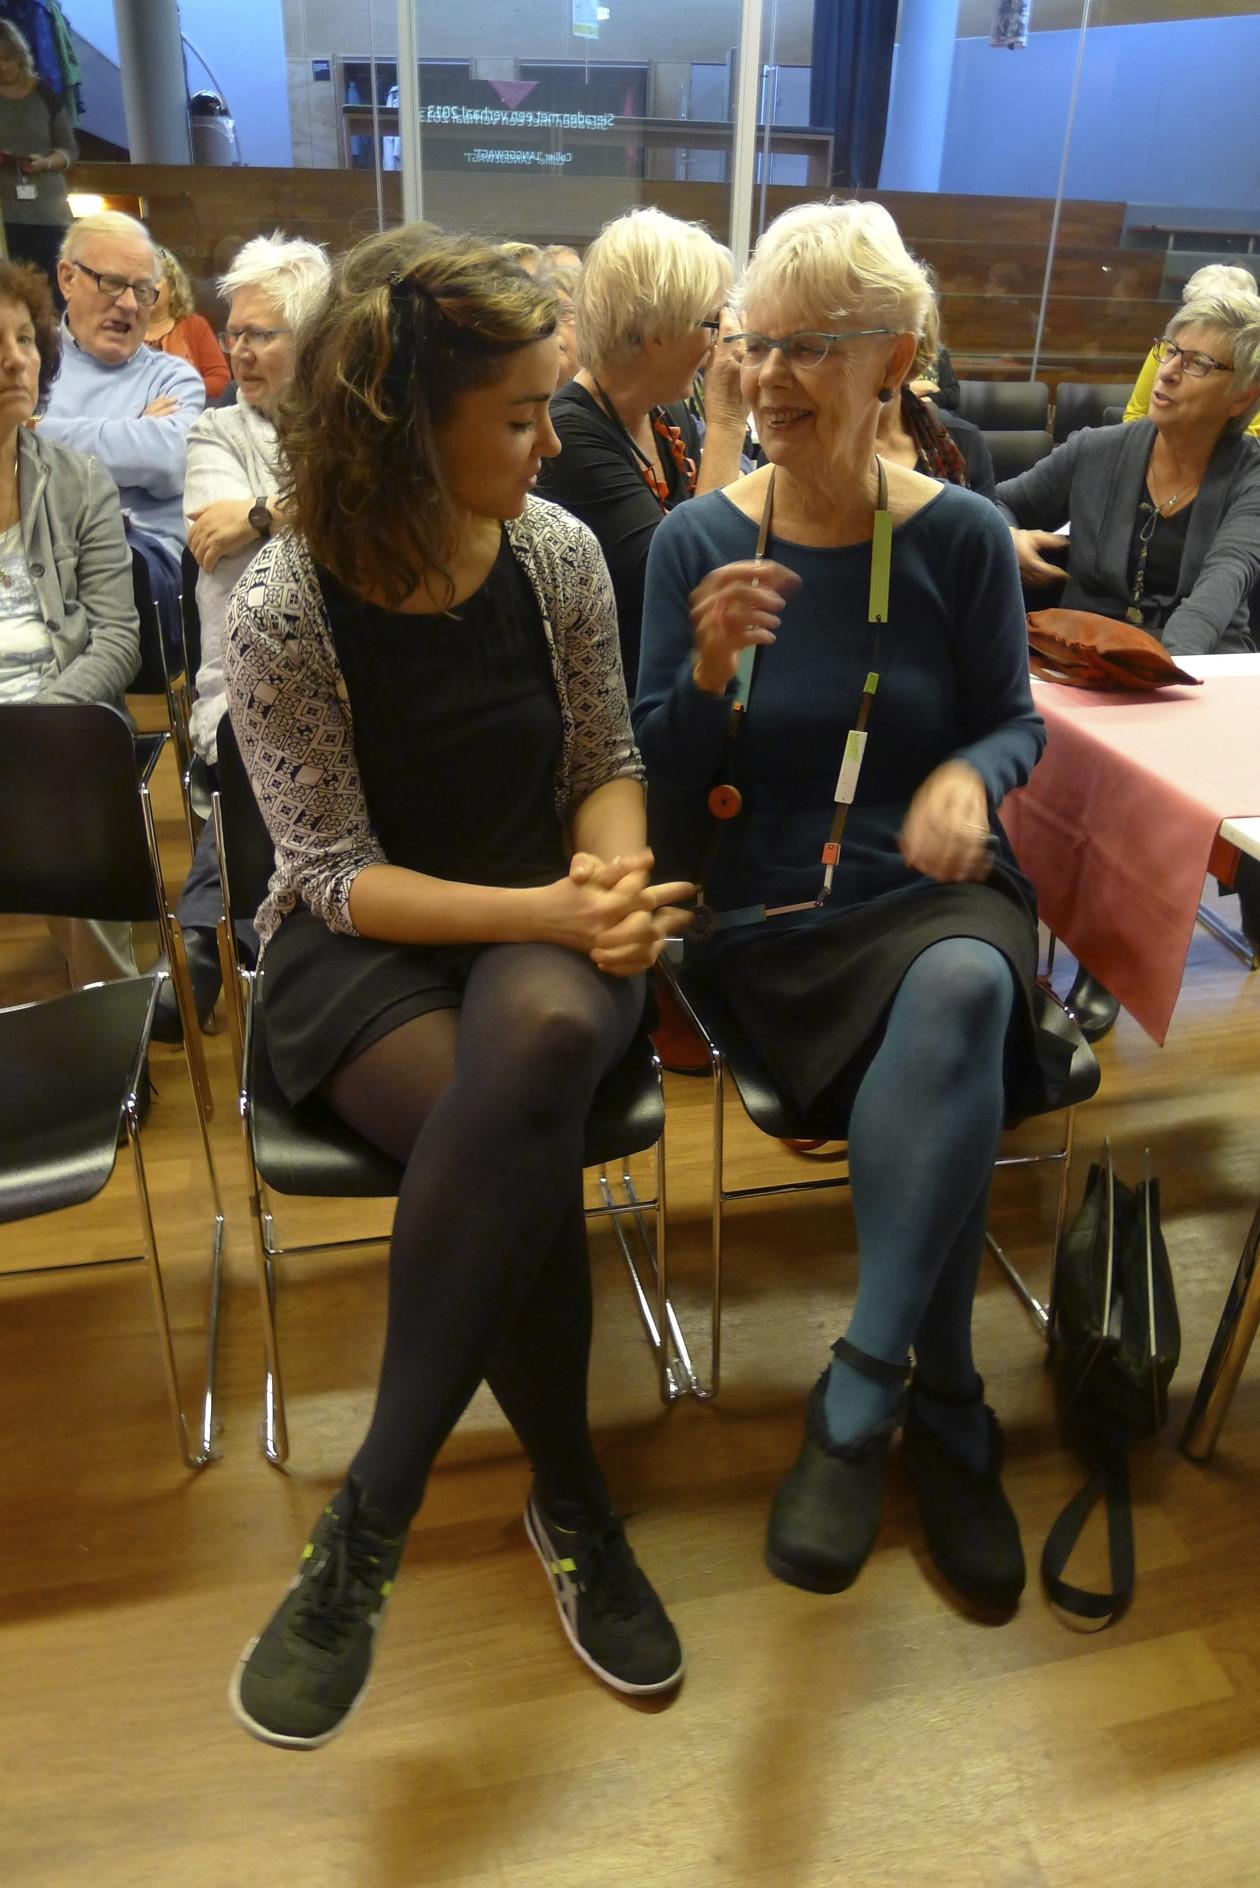 Réka Fekete en Claartje Keur in CODA tijdens Sieraden met een verhaal, 2013, portret